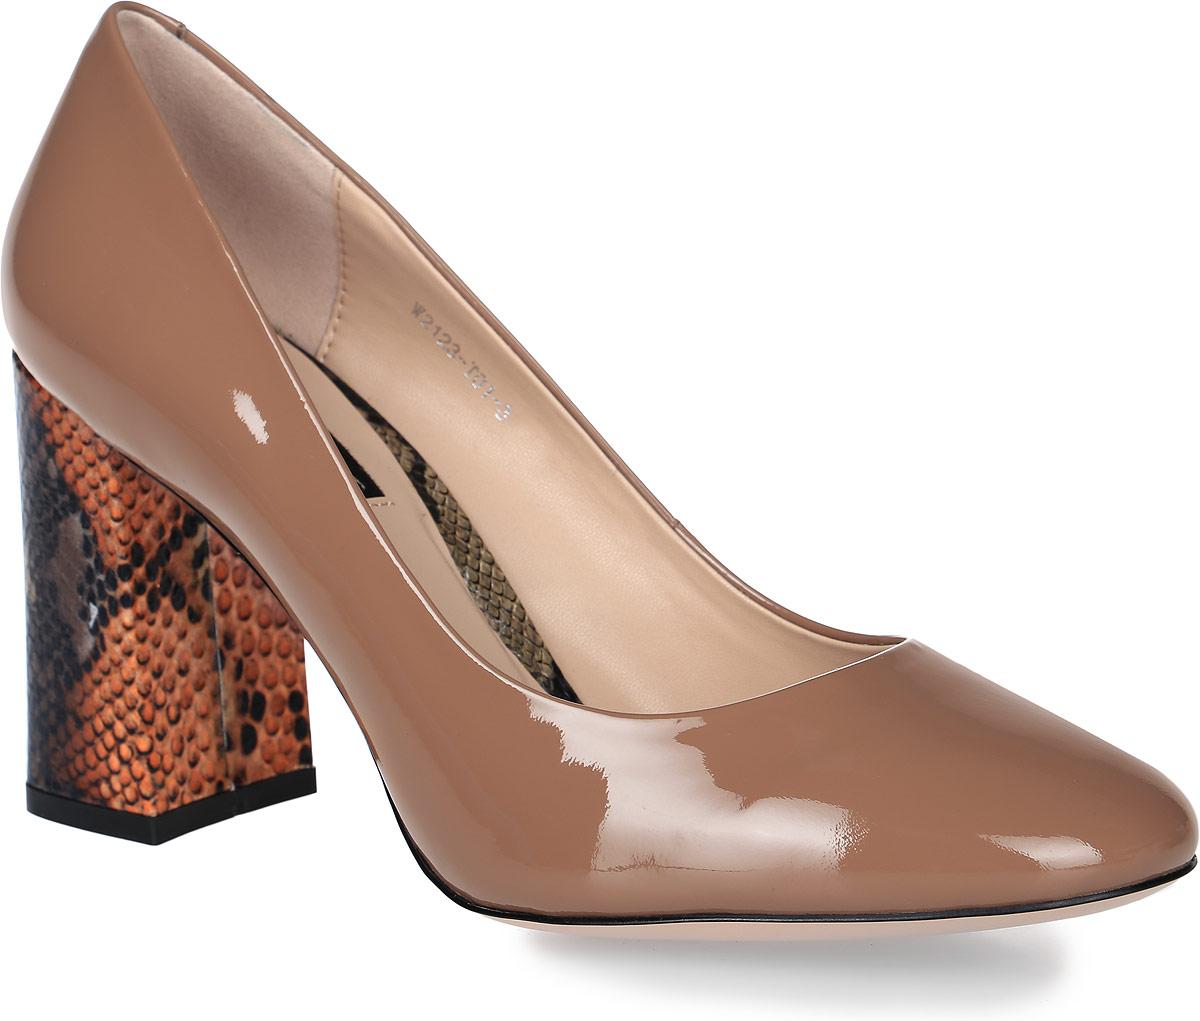 Туфли женские Graciana, цвет: светло-коричневый. W2123-T01-3. Размер 40W2123-T01-3Туфли Graciana изготовлены из натуральной кожи с лаковой поверхностью. Внутренняя поверхность и стелька выполнены из натуральной кожи, которая обеспечит комфорт при движении и предотвратит натирание. Модель оснащена высоким толстым каблуком, оформленным тиснением под рептилию. Подошва выполнена из тунита и дополнена рифлением.